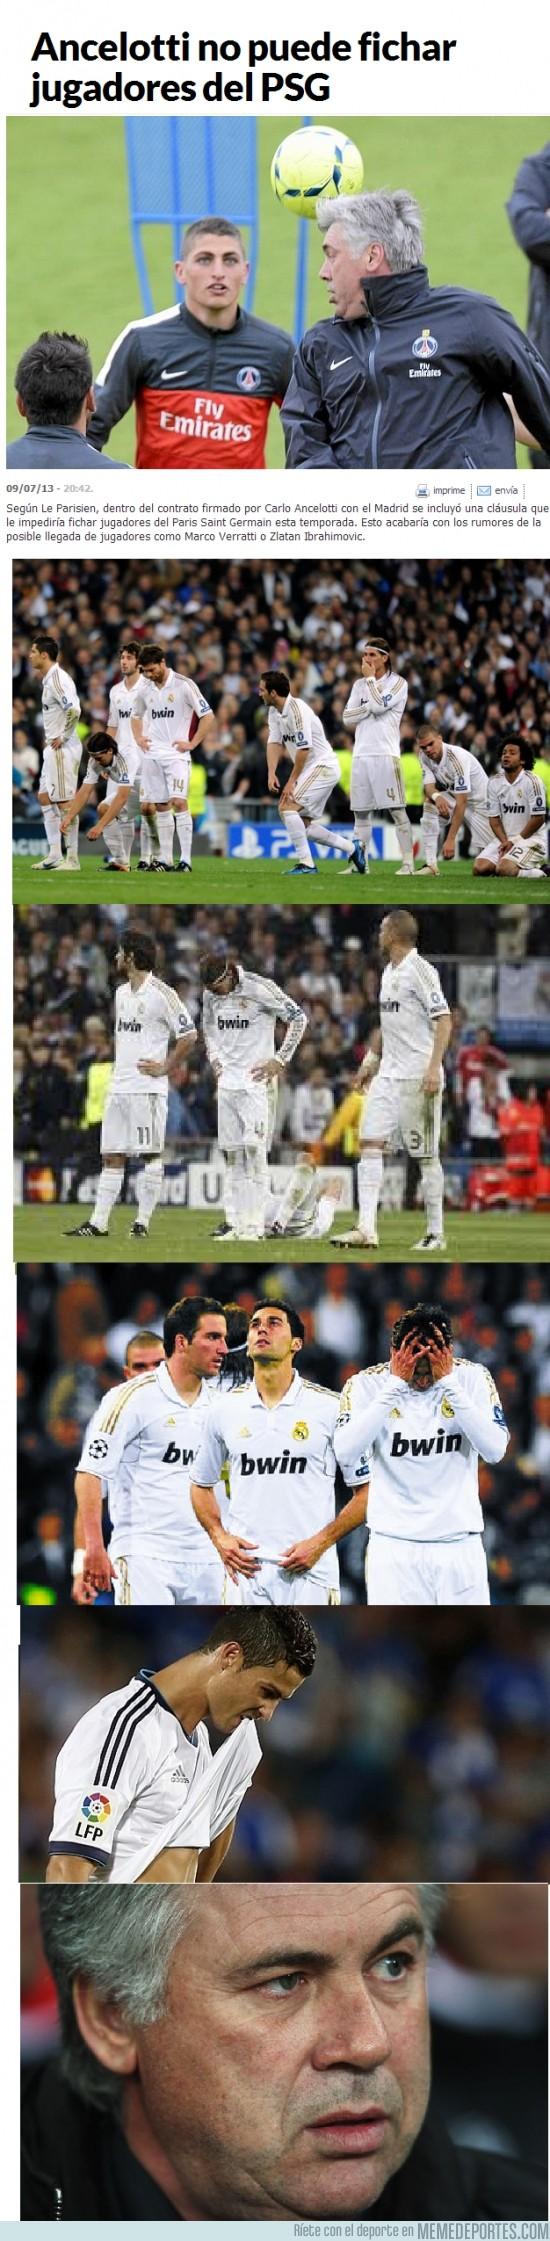 162997 - Se acabaron los rumores de que Ibrahimovic iría al Madrid